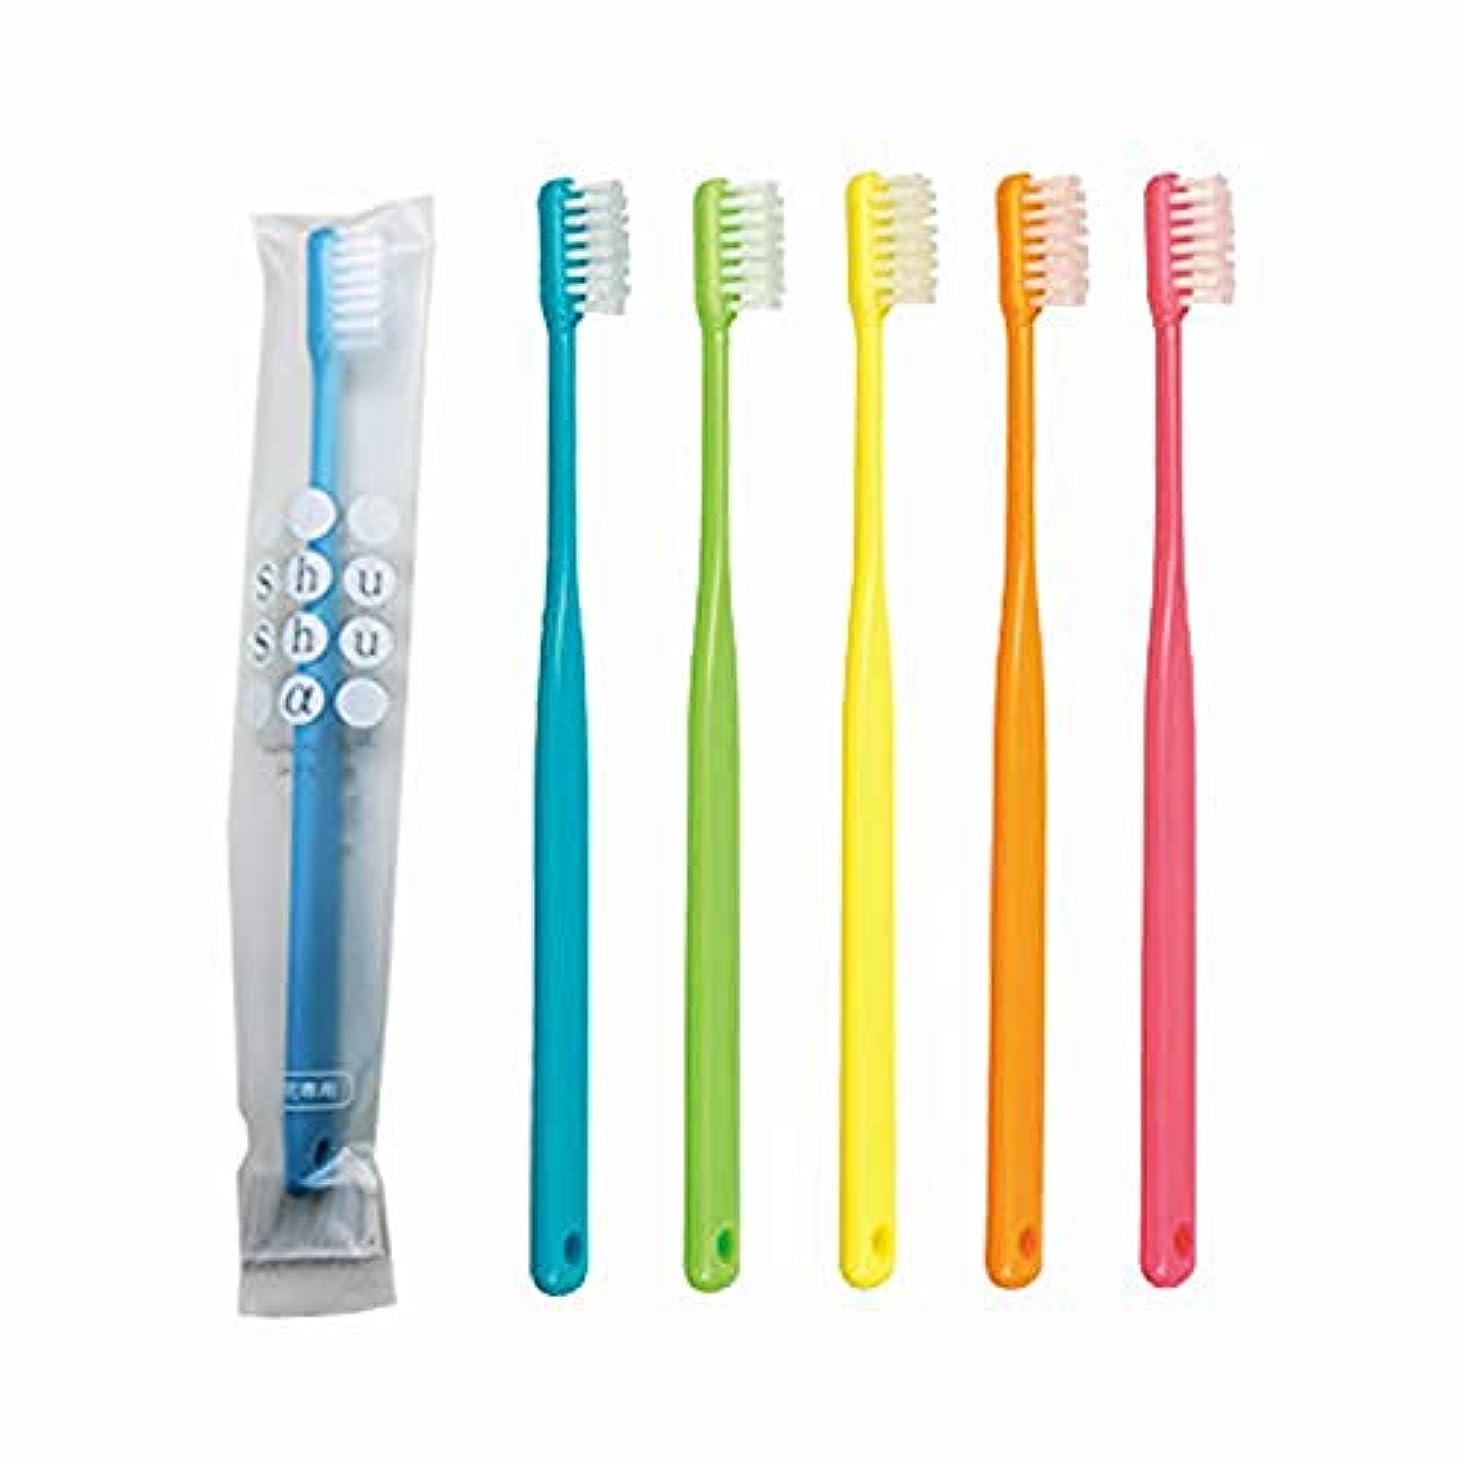 サッカーピグマリオンそれに応じて歯科専売品 大人用歯ブラシ FEED Shu Shu α(シュシュアルファ)×20本 S (やわらかめ)